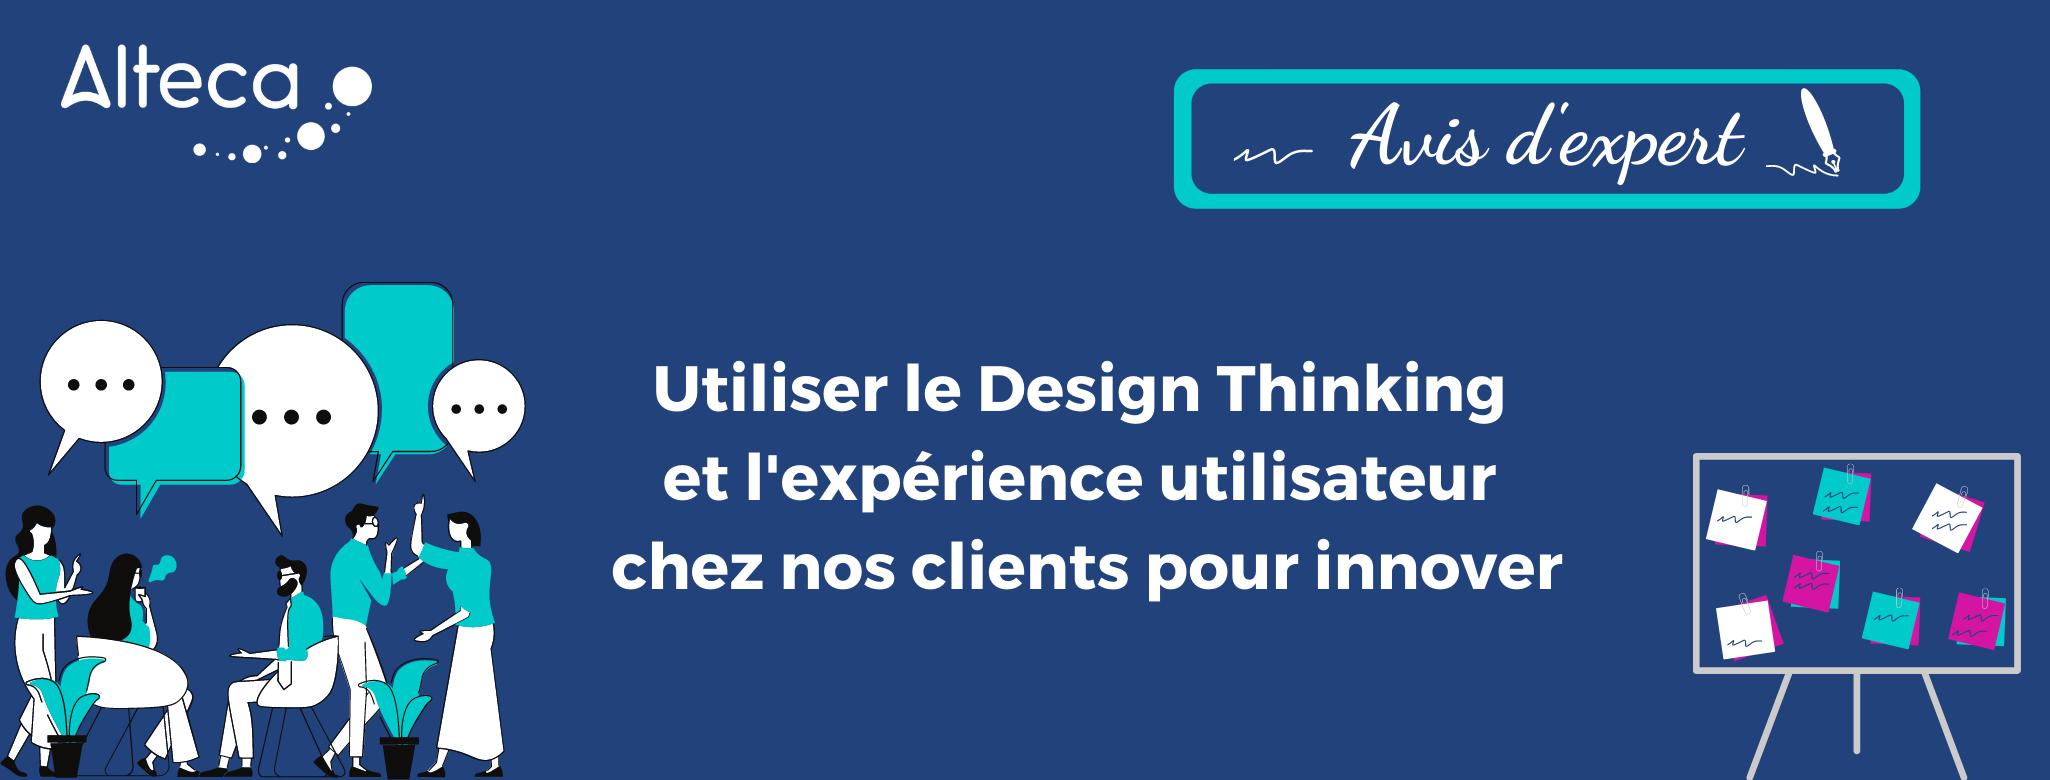 Design Thinking : innover en s'appuyant sur l'expérience utilisateur